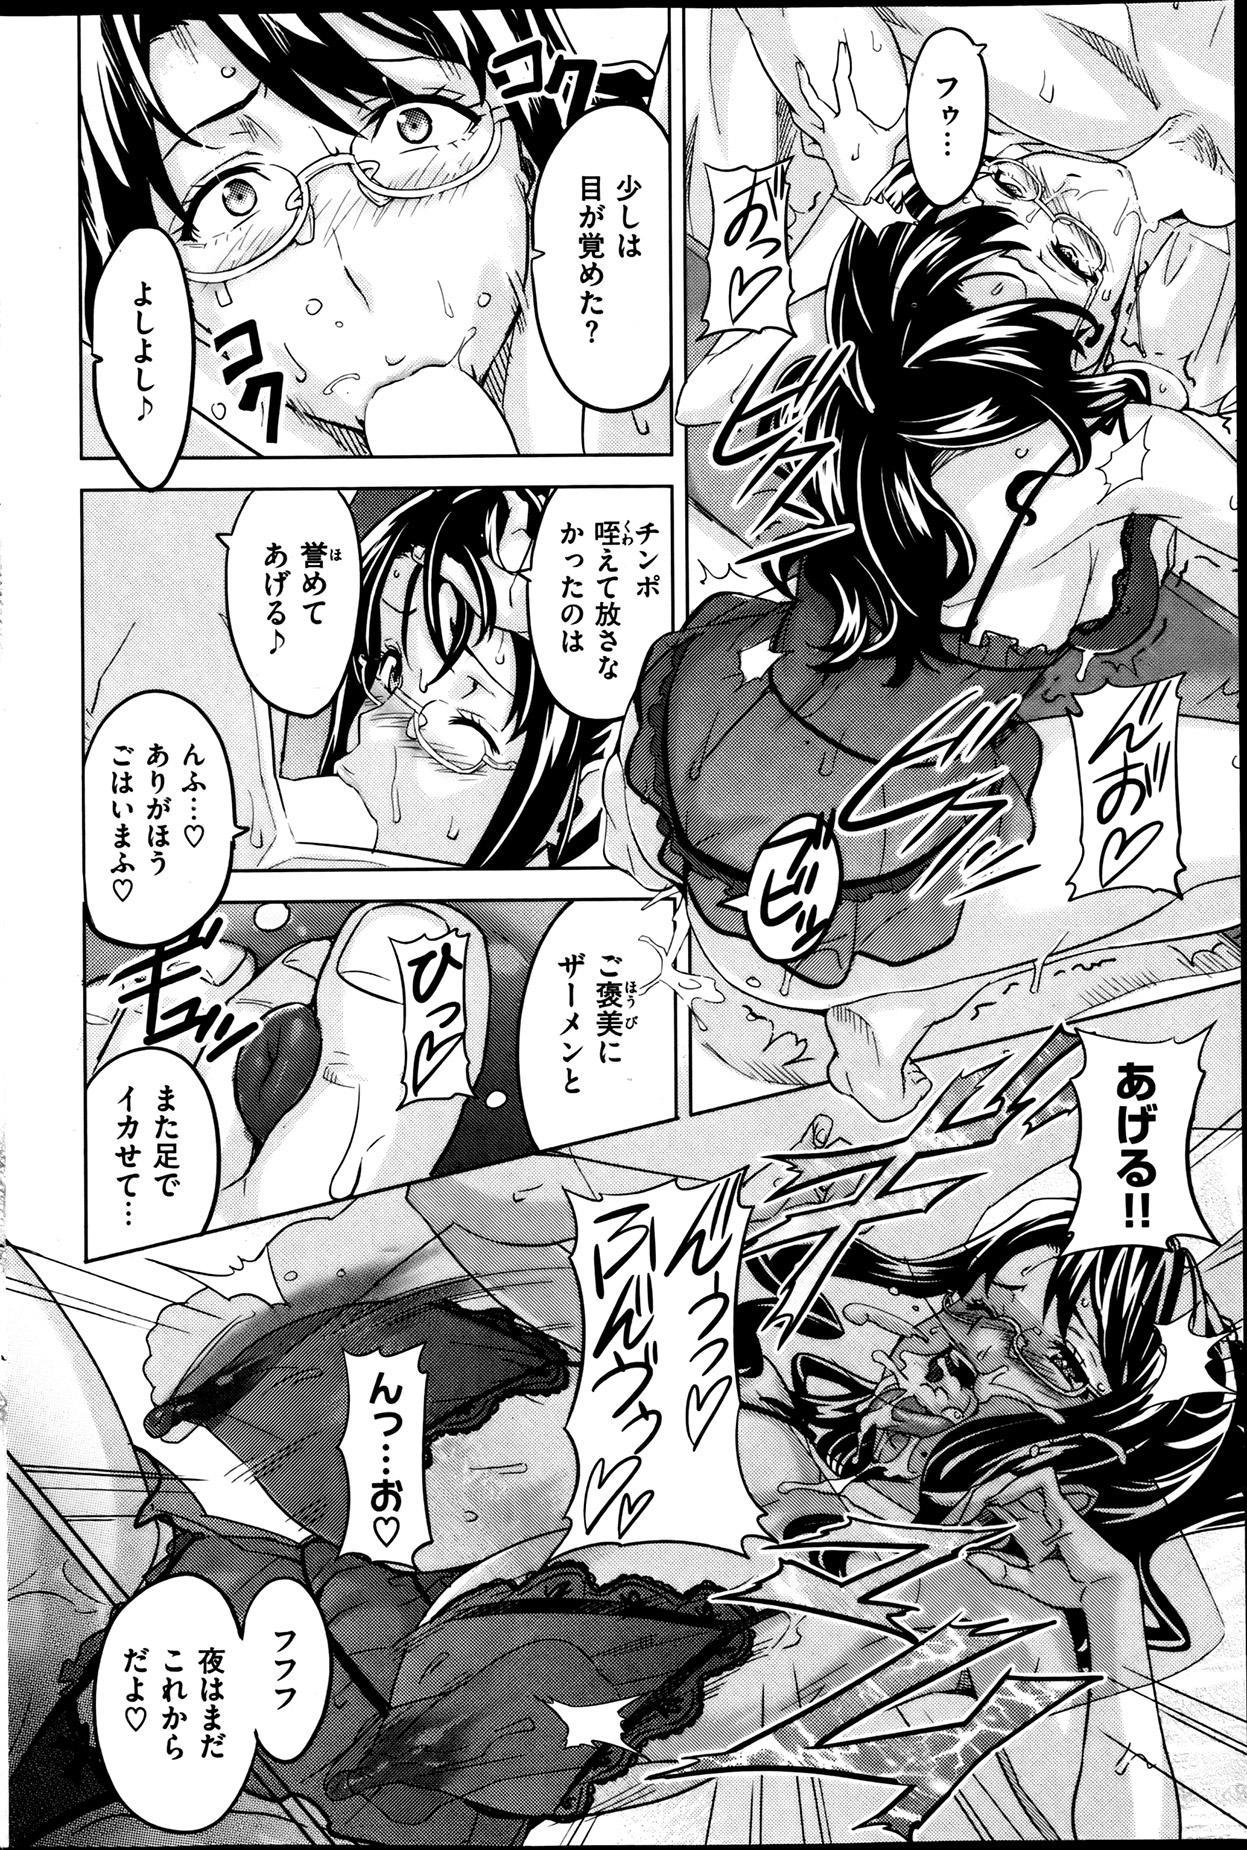 COMIC HANA-MAN 2013-08 Takeda Hiromitsu Tokushuu 69